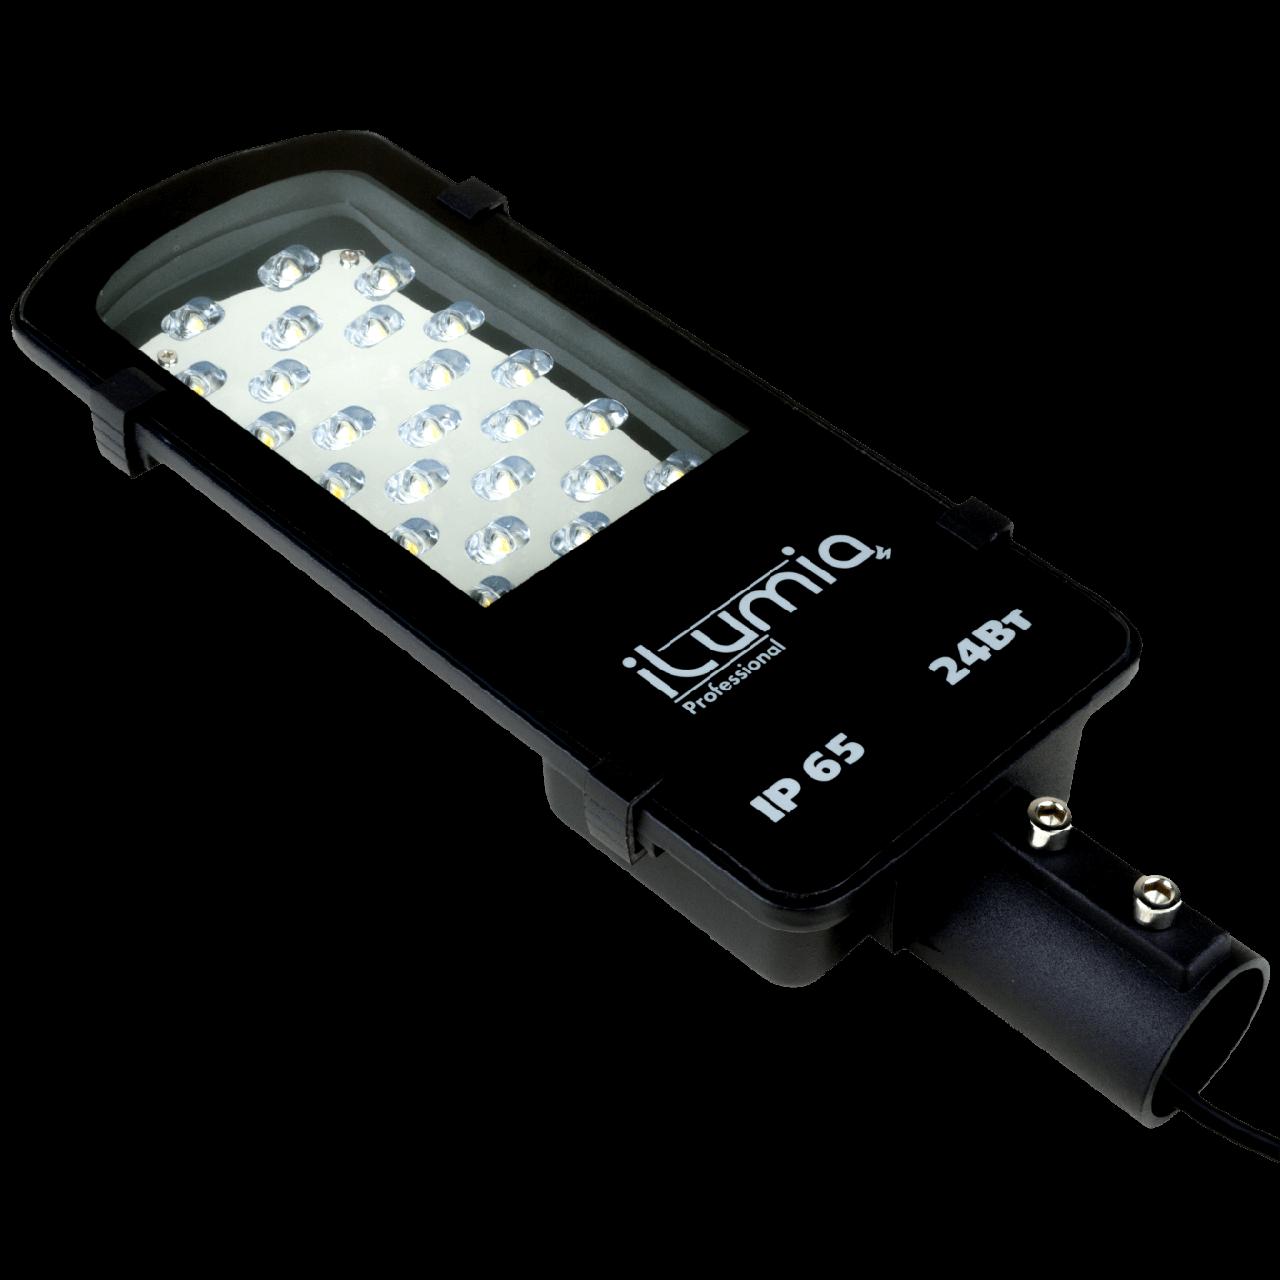 УЦ 5375 Светильник консольный Ilumia 045 SL-24-NW 2400Лм, 24Вт, 4000К